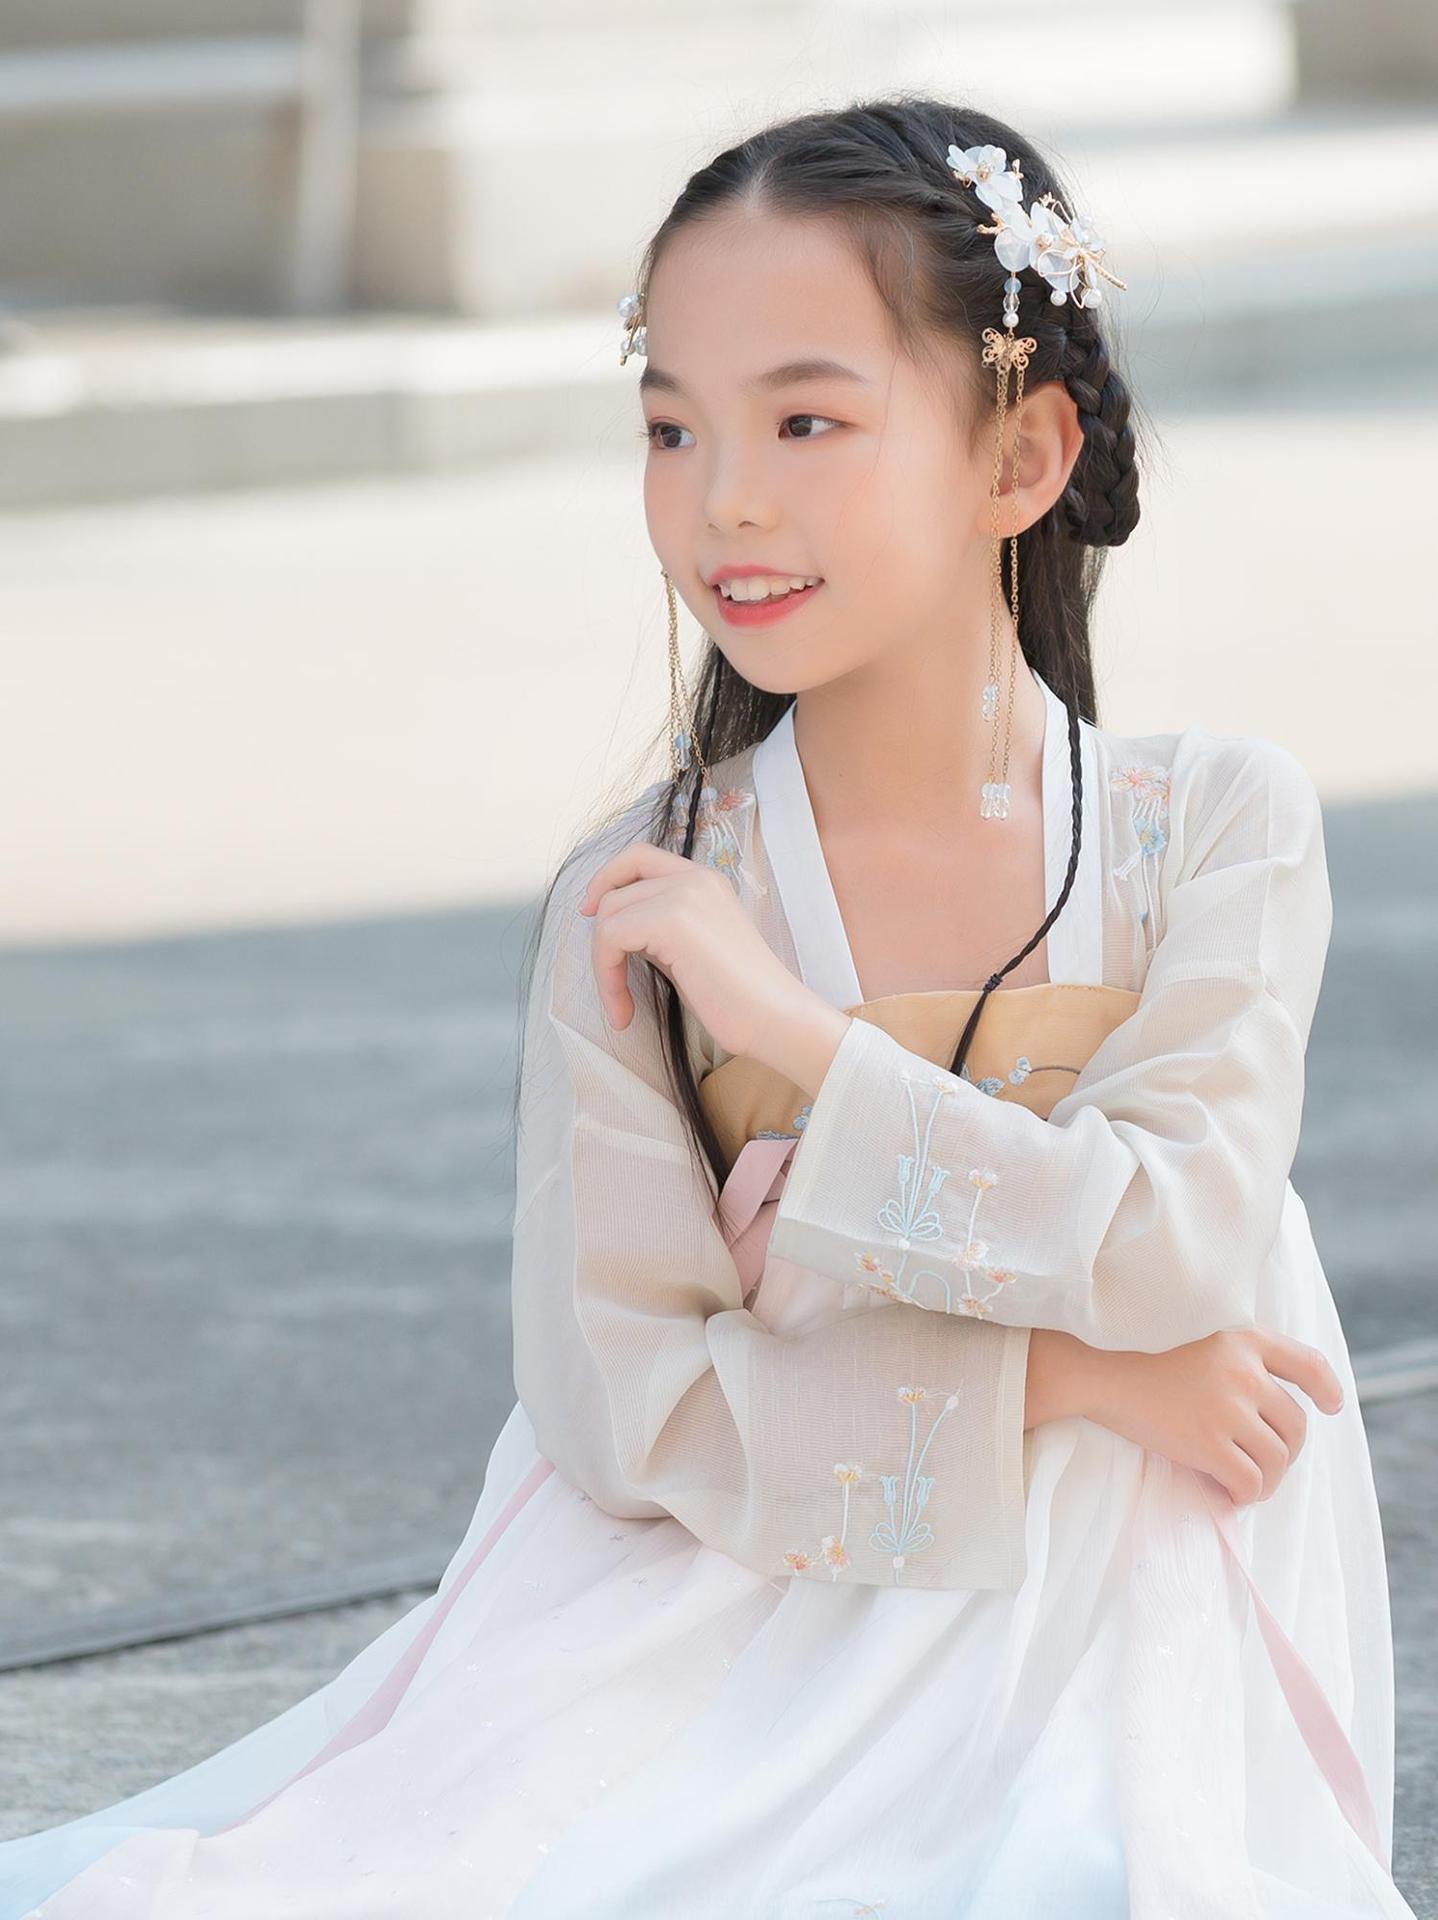 delle donne dei bambini LCI16 2020 vestito nuovo hanfu Alto-craft disegno appeso tintura pensili con ricamo doratura abbellimento per bambini